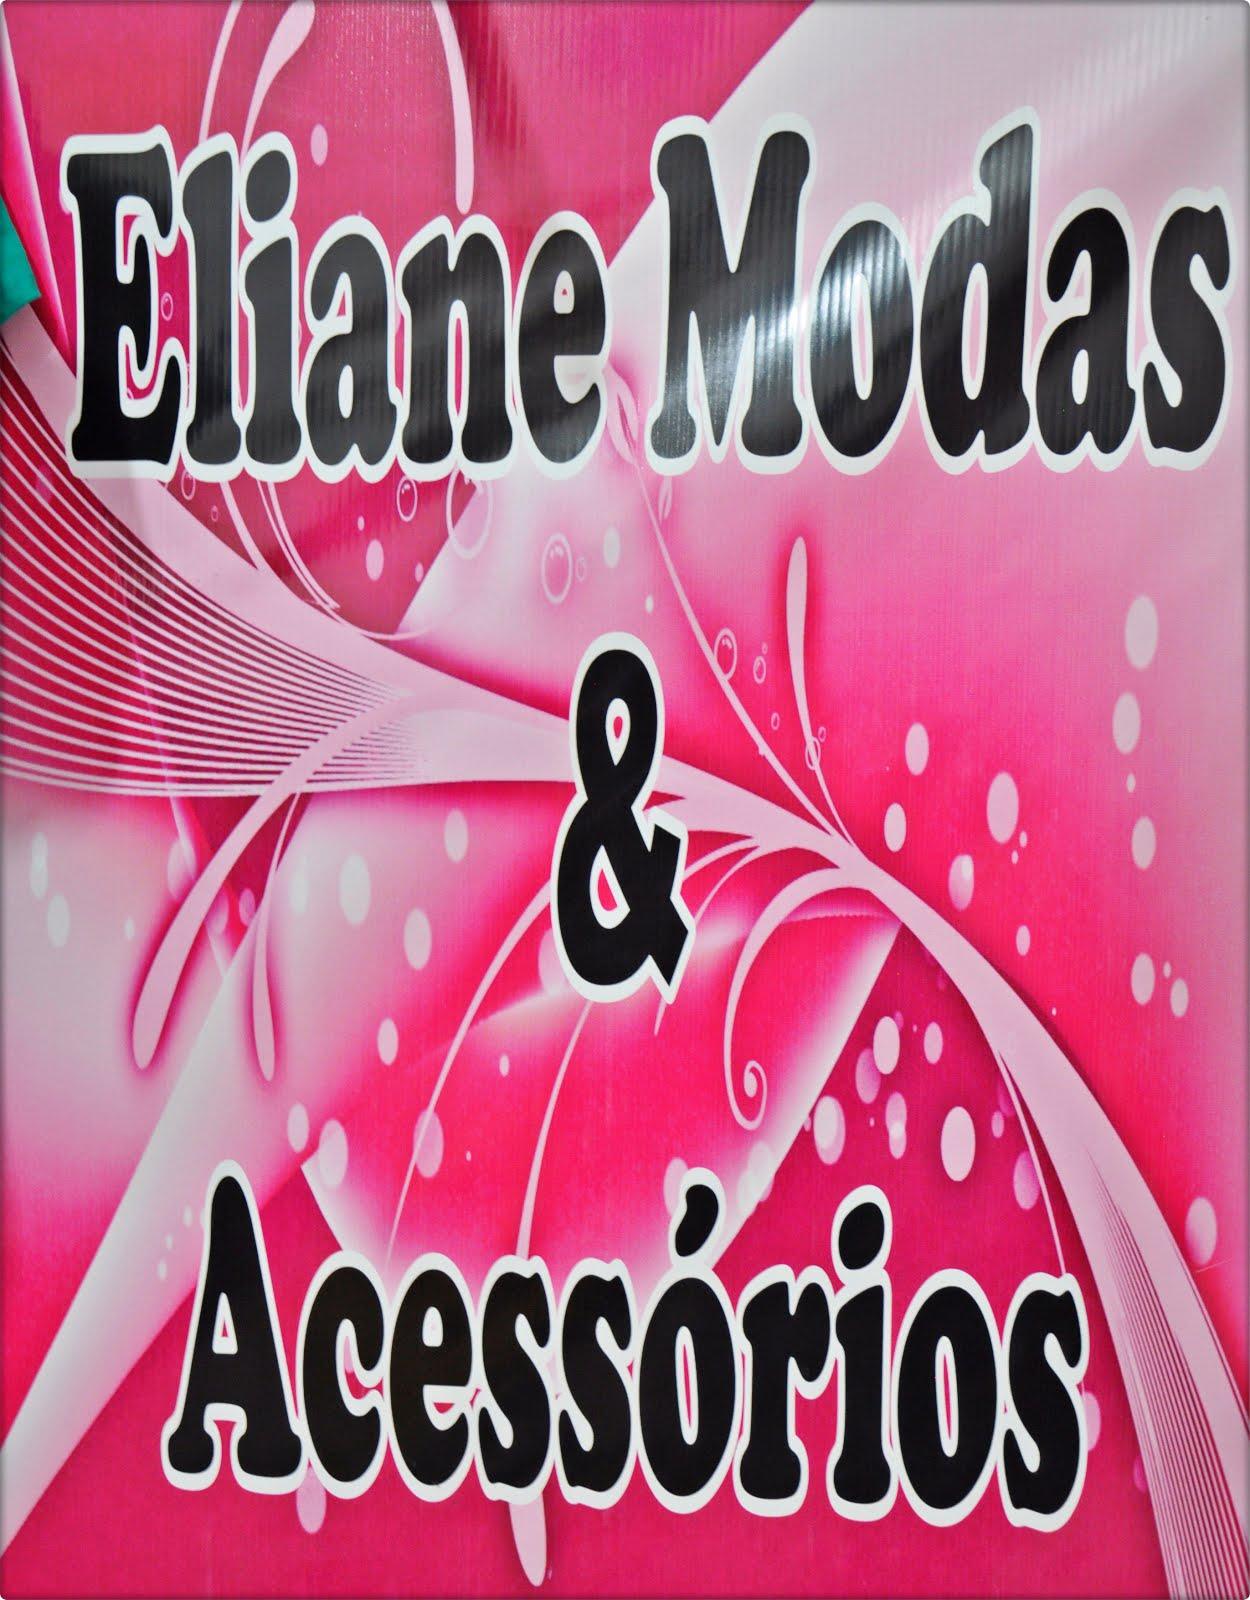 Eliane Modas e Acessórios